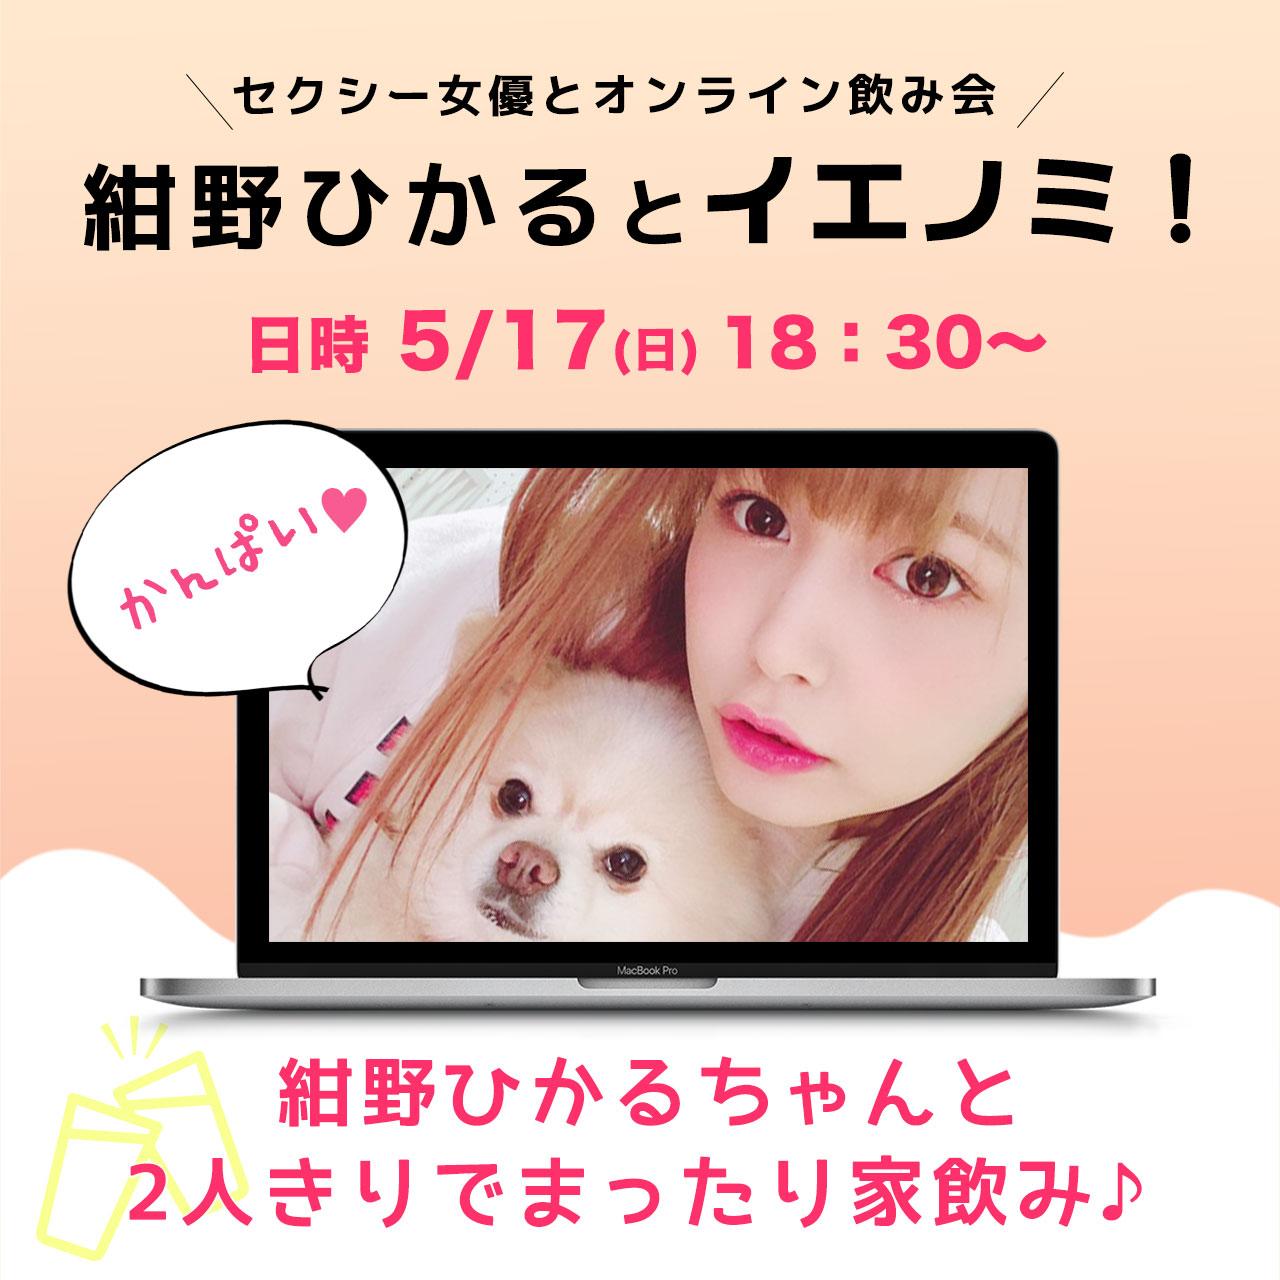 5/17(日)セクシー女優とオンライン飲み会!紺野ひかるとイエノミ!